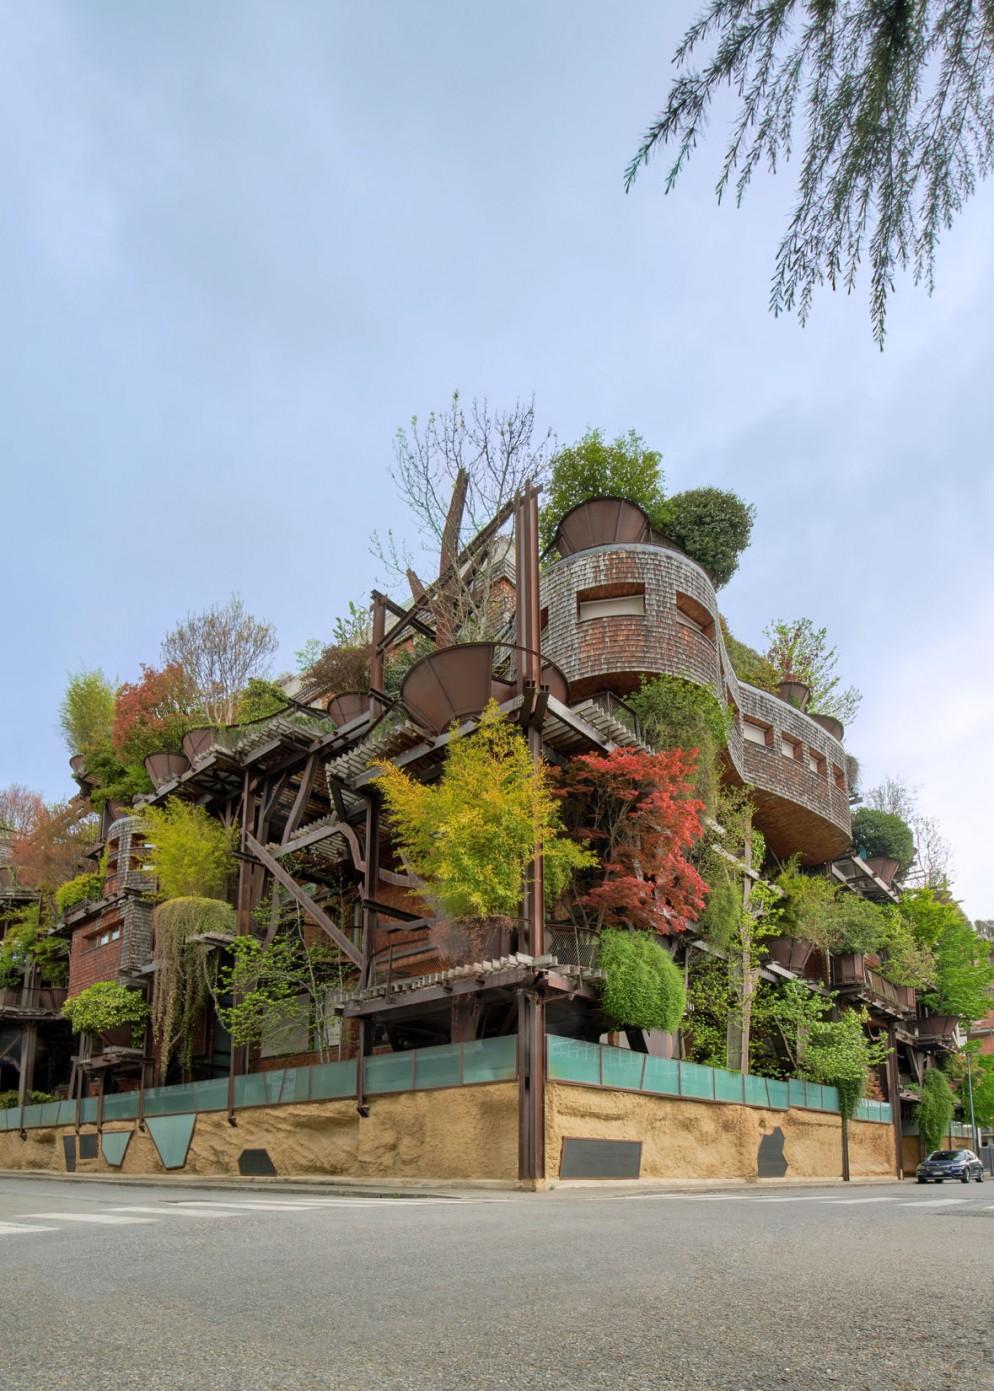 design-tour-torino-indirizzi-alberghi-ristoranti-musei-gallerie-16